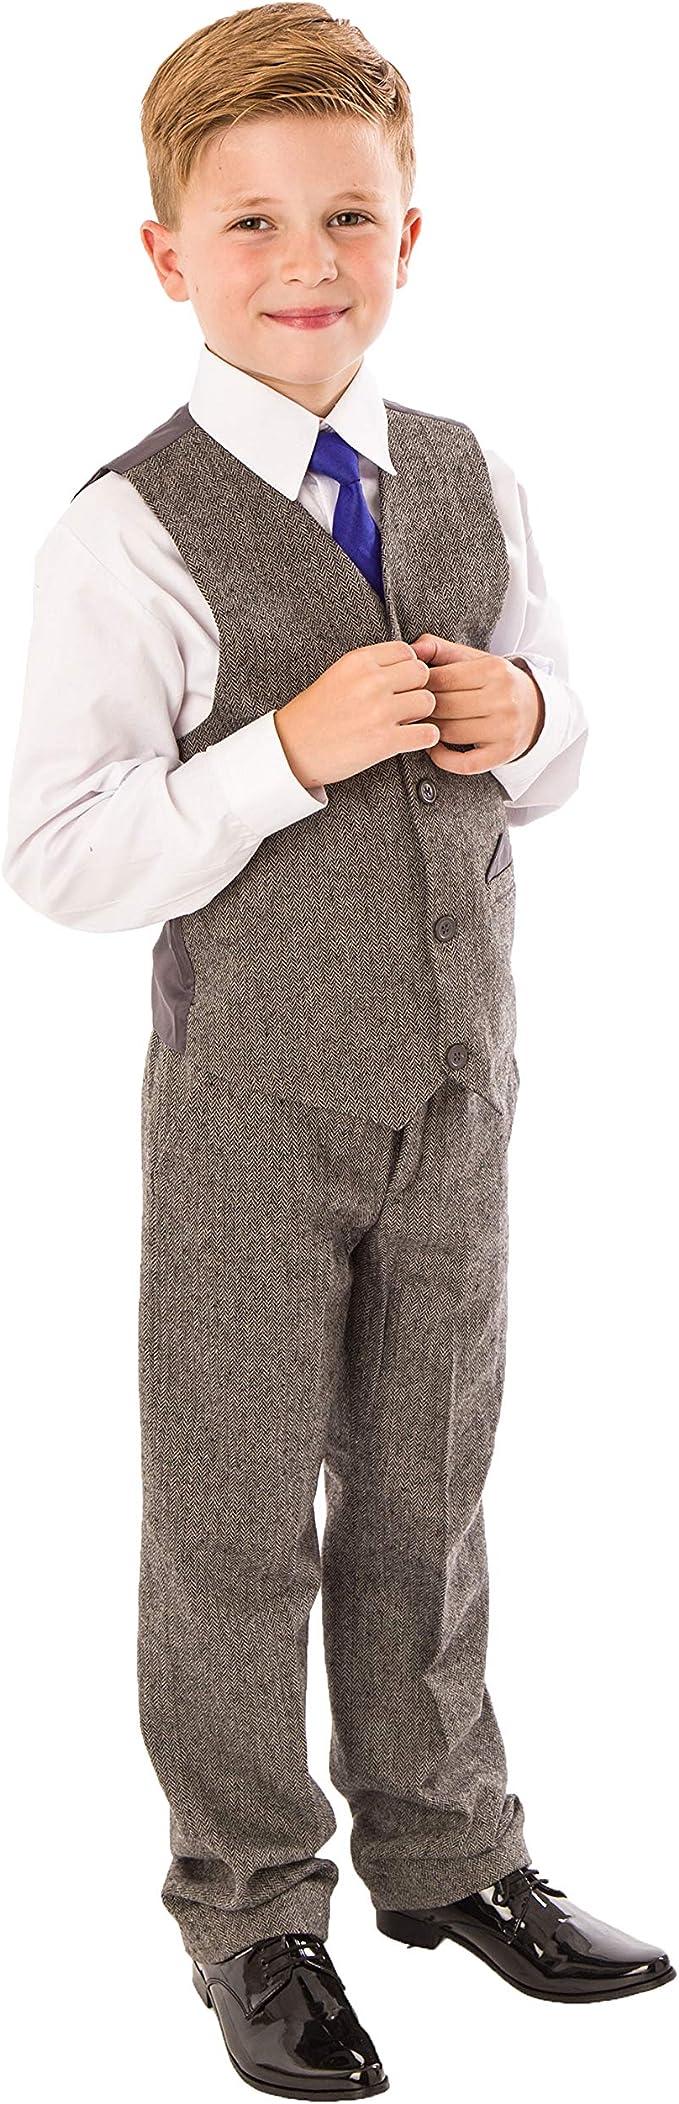 Traje de tweed para niños, 4 piezas para boda, Page Boy, traje ...